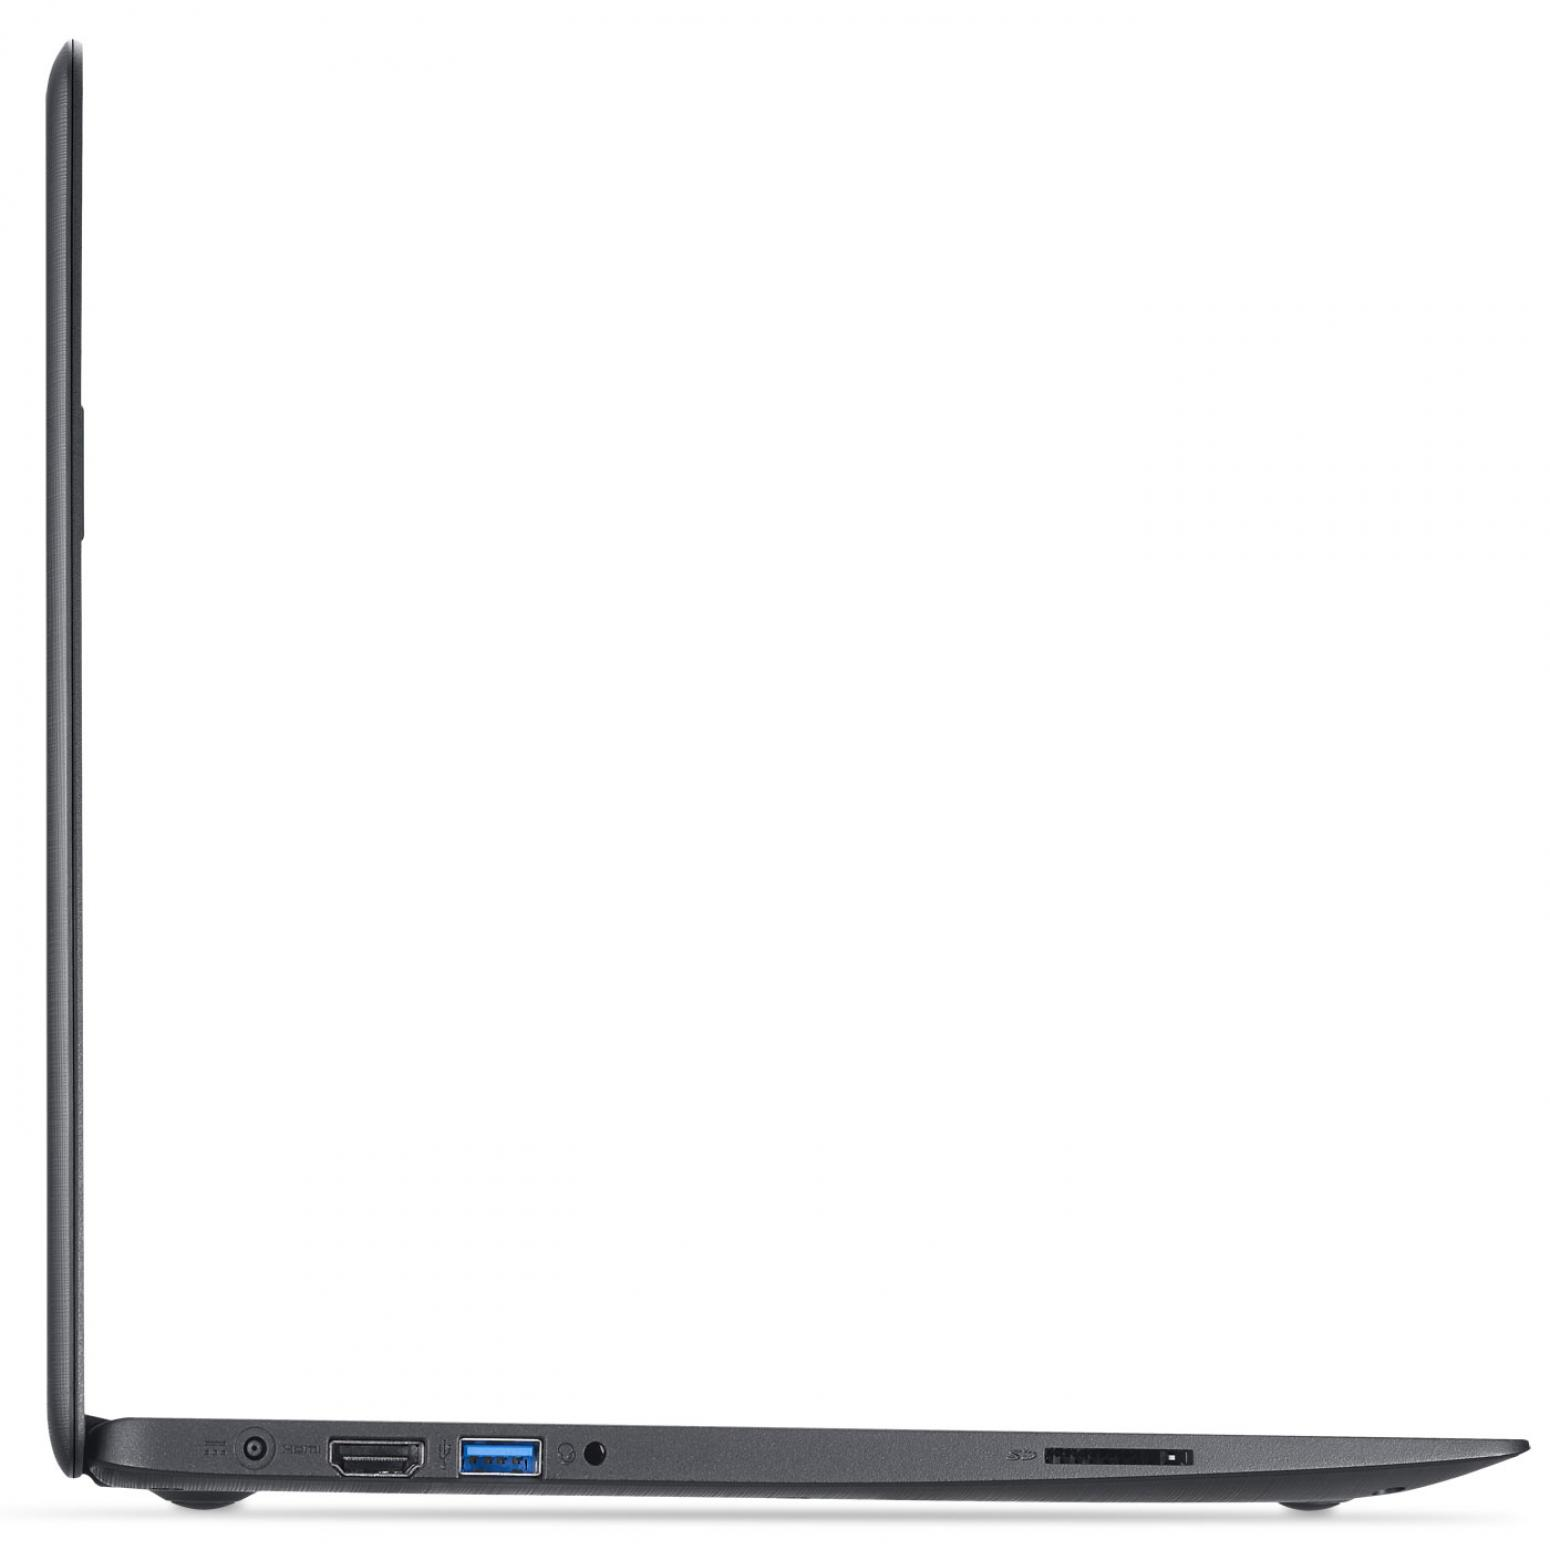 Ordinateur portable Acer Swift 1 SF114-31-P6BW Noir - photo 4